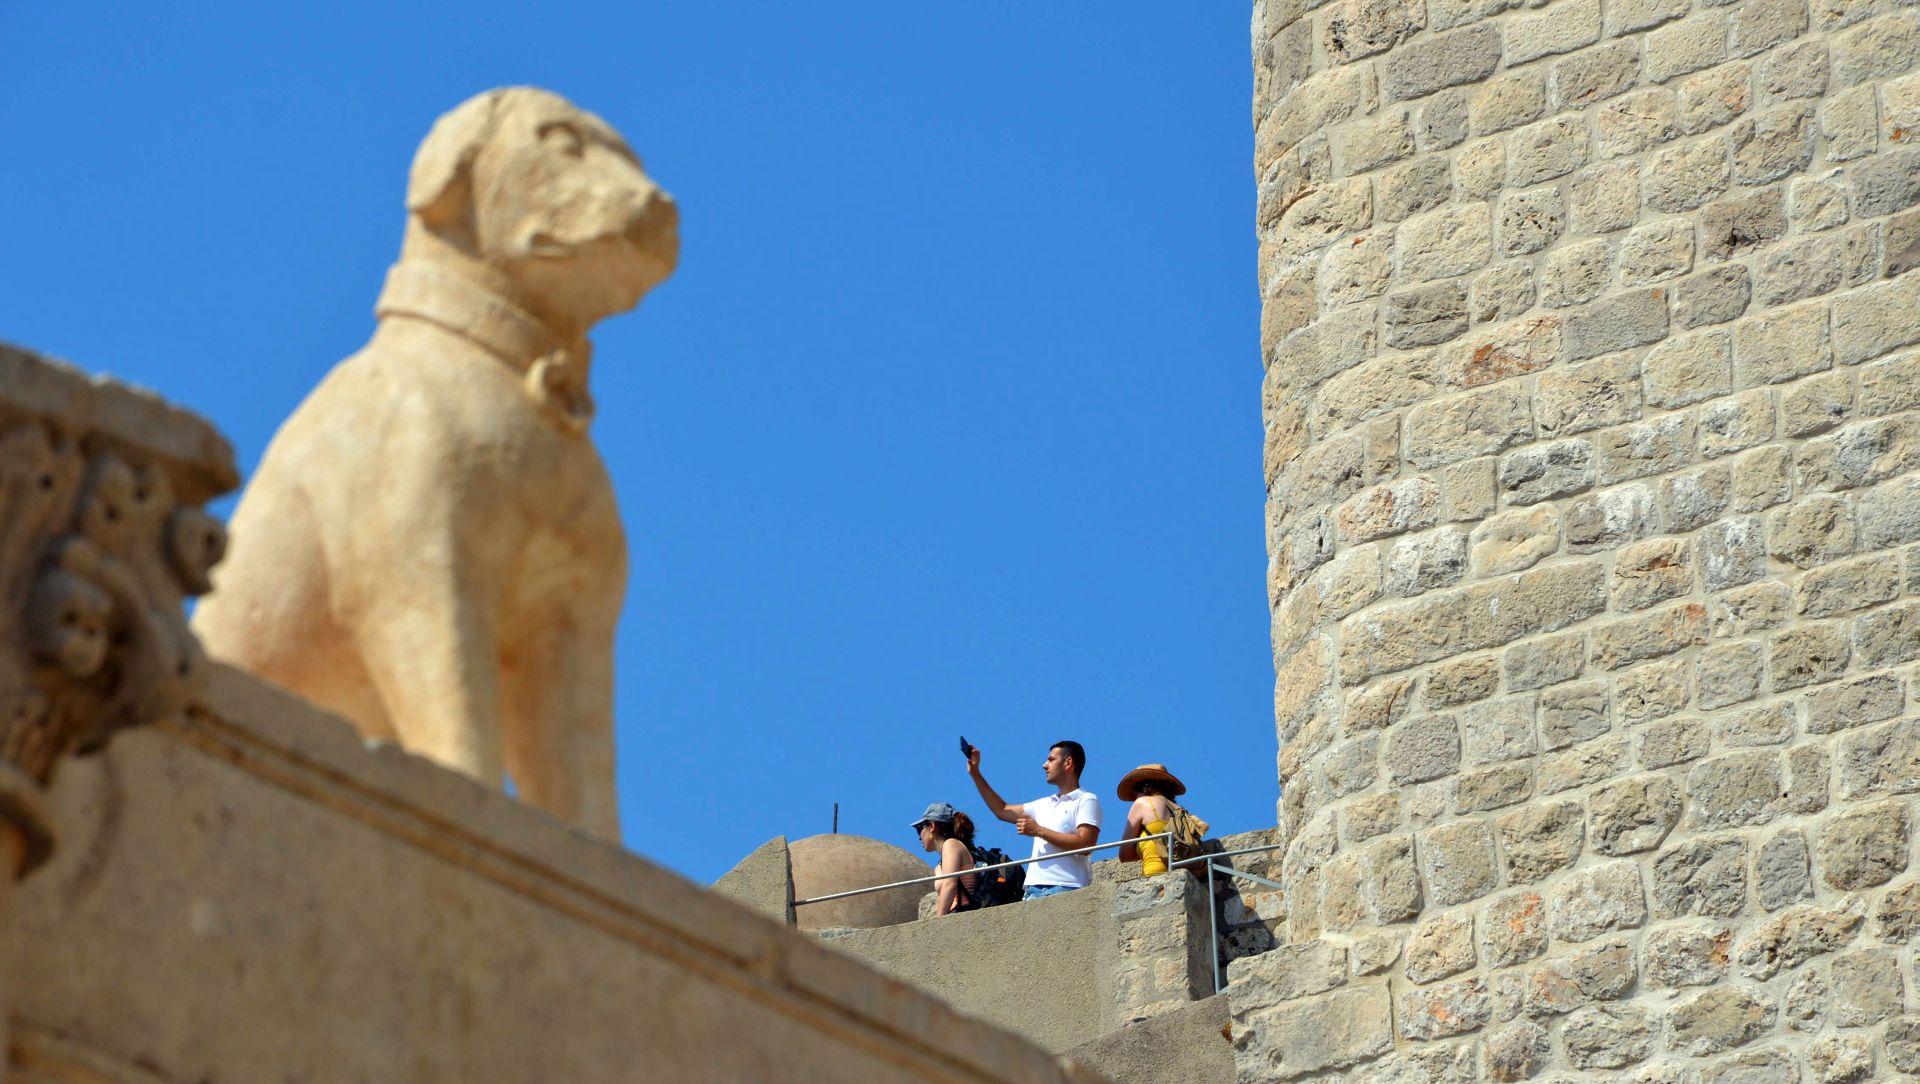 Vraćanjem kipa psa u potpunosti završena obnova velike Onofrijeve fontane u Dubrovniku